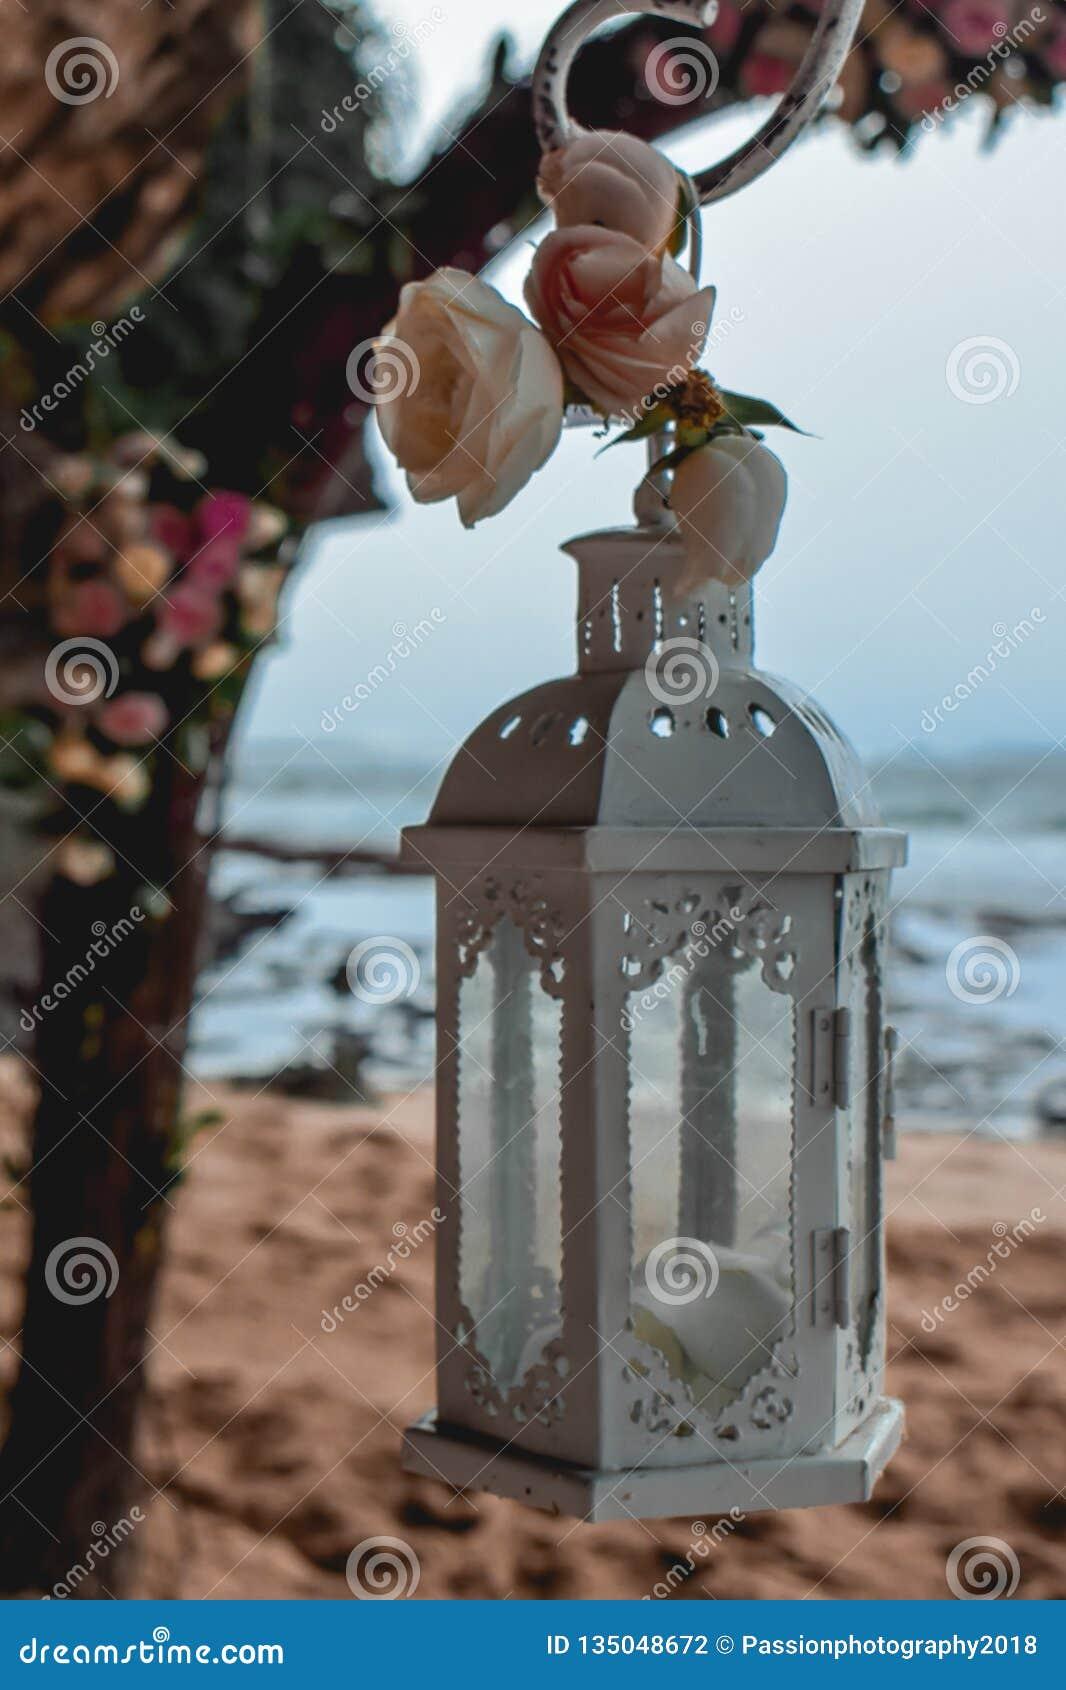 White Lantern On A Beach Wedding Stock Photo Image Of Decor Flame 135048672